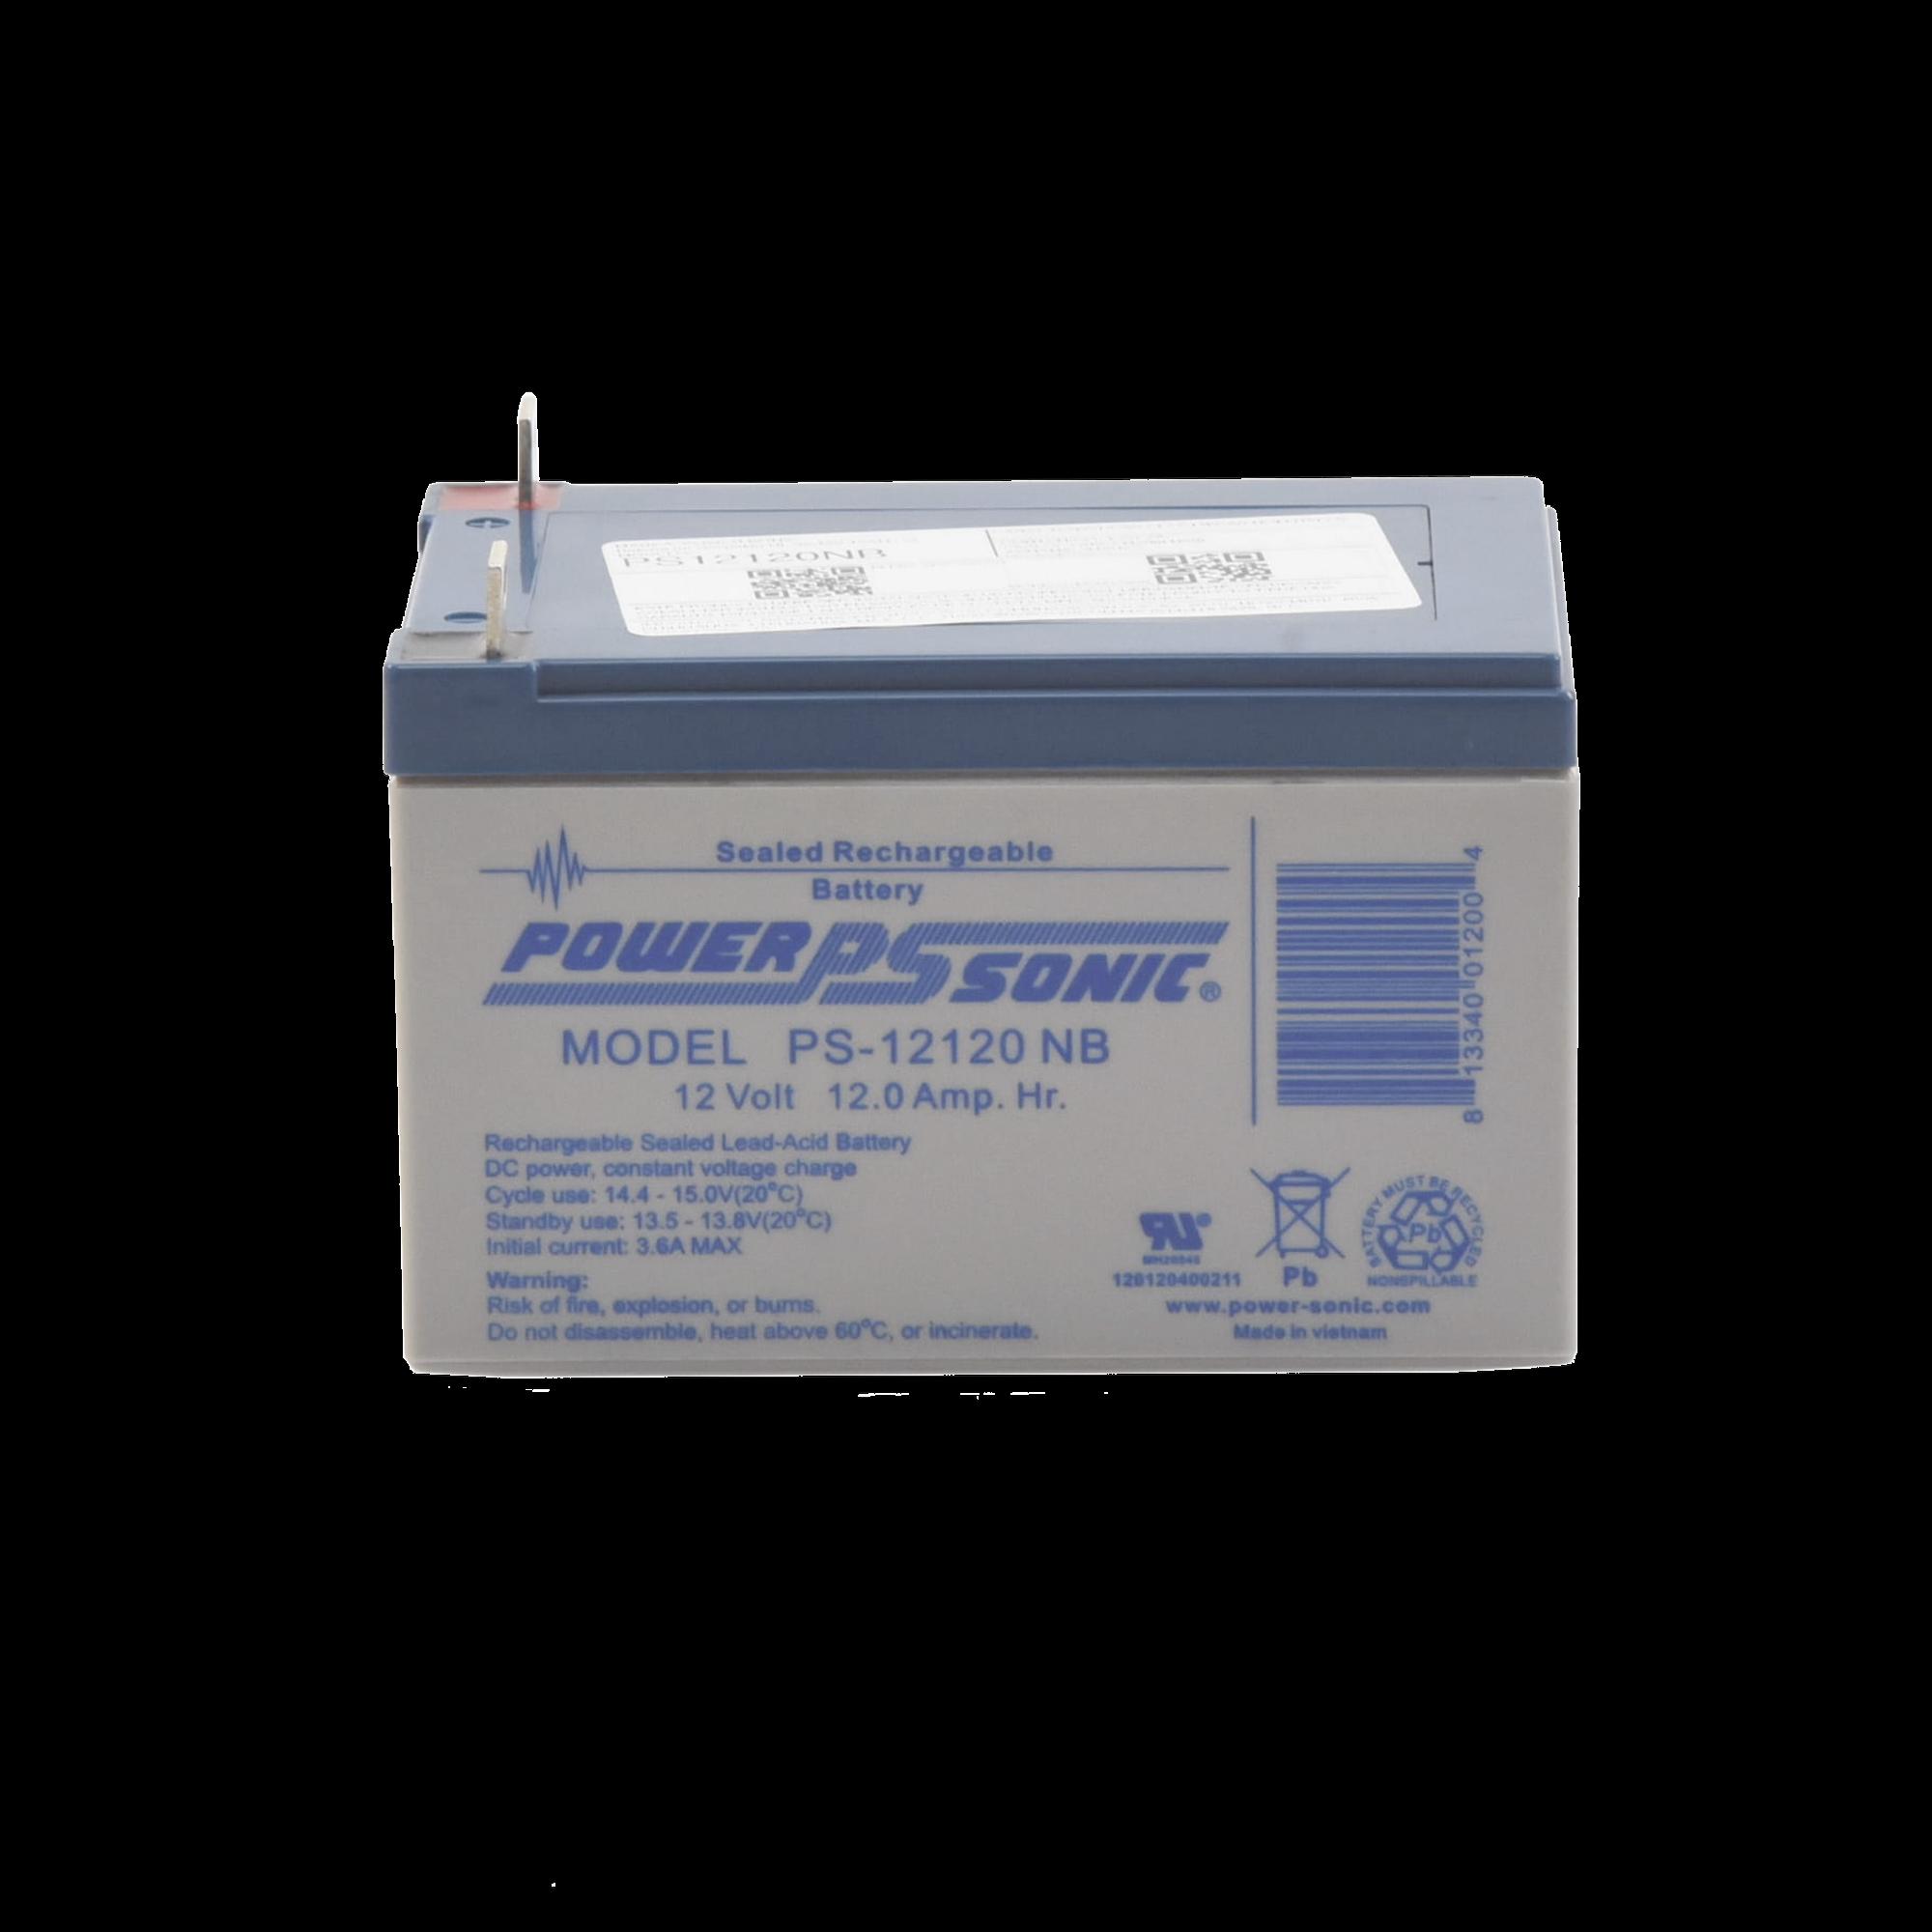 Batería de Respaldo UL de 12V 12AH / Ideal para Sistemas de Detección de Incendio / Control de Acceso / Intrusión / Videovigilancia / Terminales Tipo NB